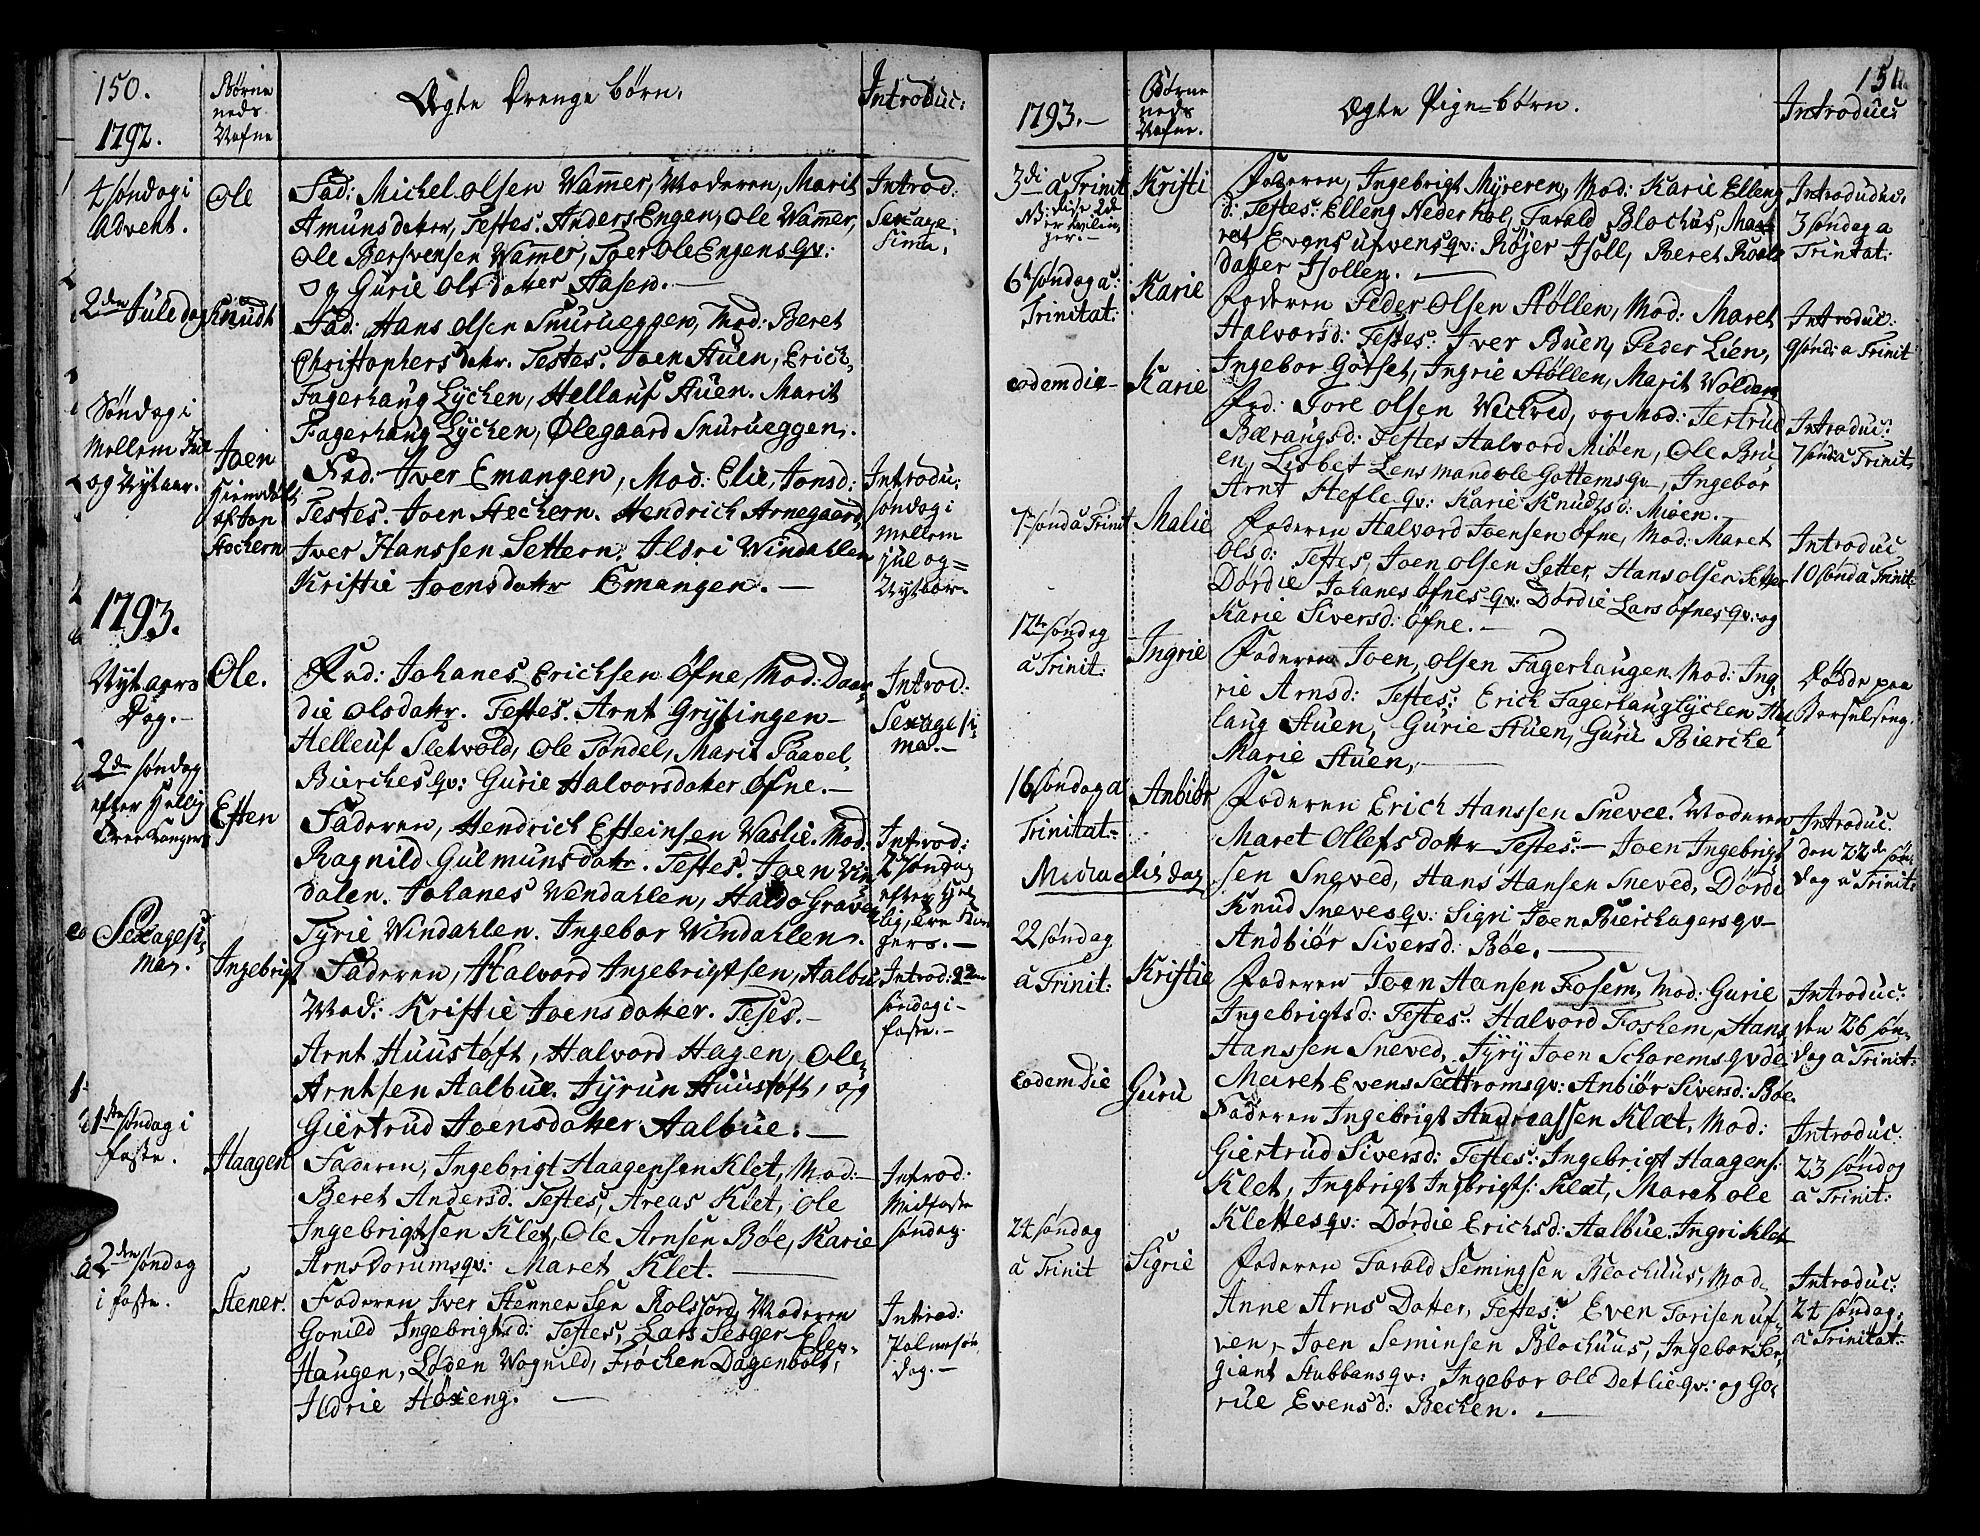 SAT, Ministerialprotokoller, klokkerbøker og fødselsregistre - Sør-Trøndelag, 678/L0893: Ministerialbok nr. 678A03, 1792-1805, s. 150-151